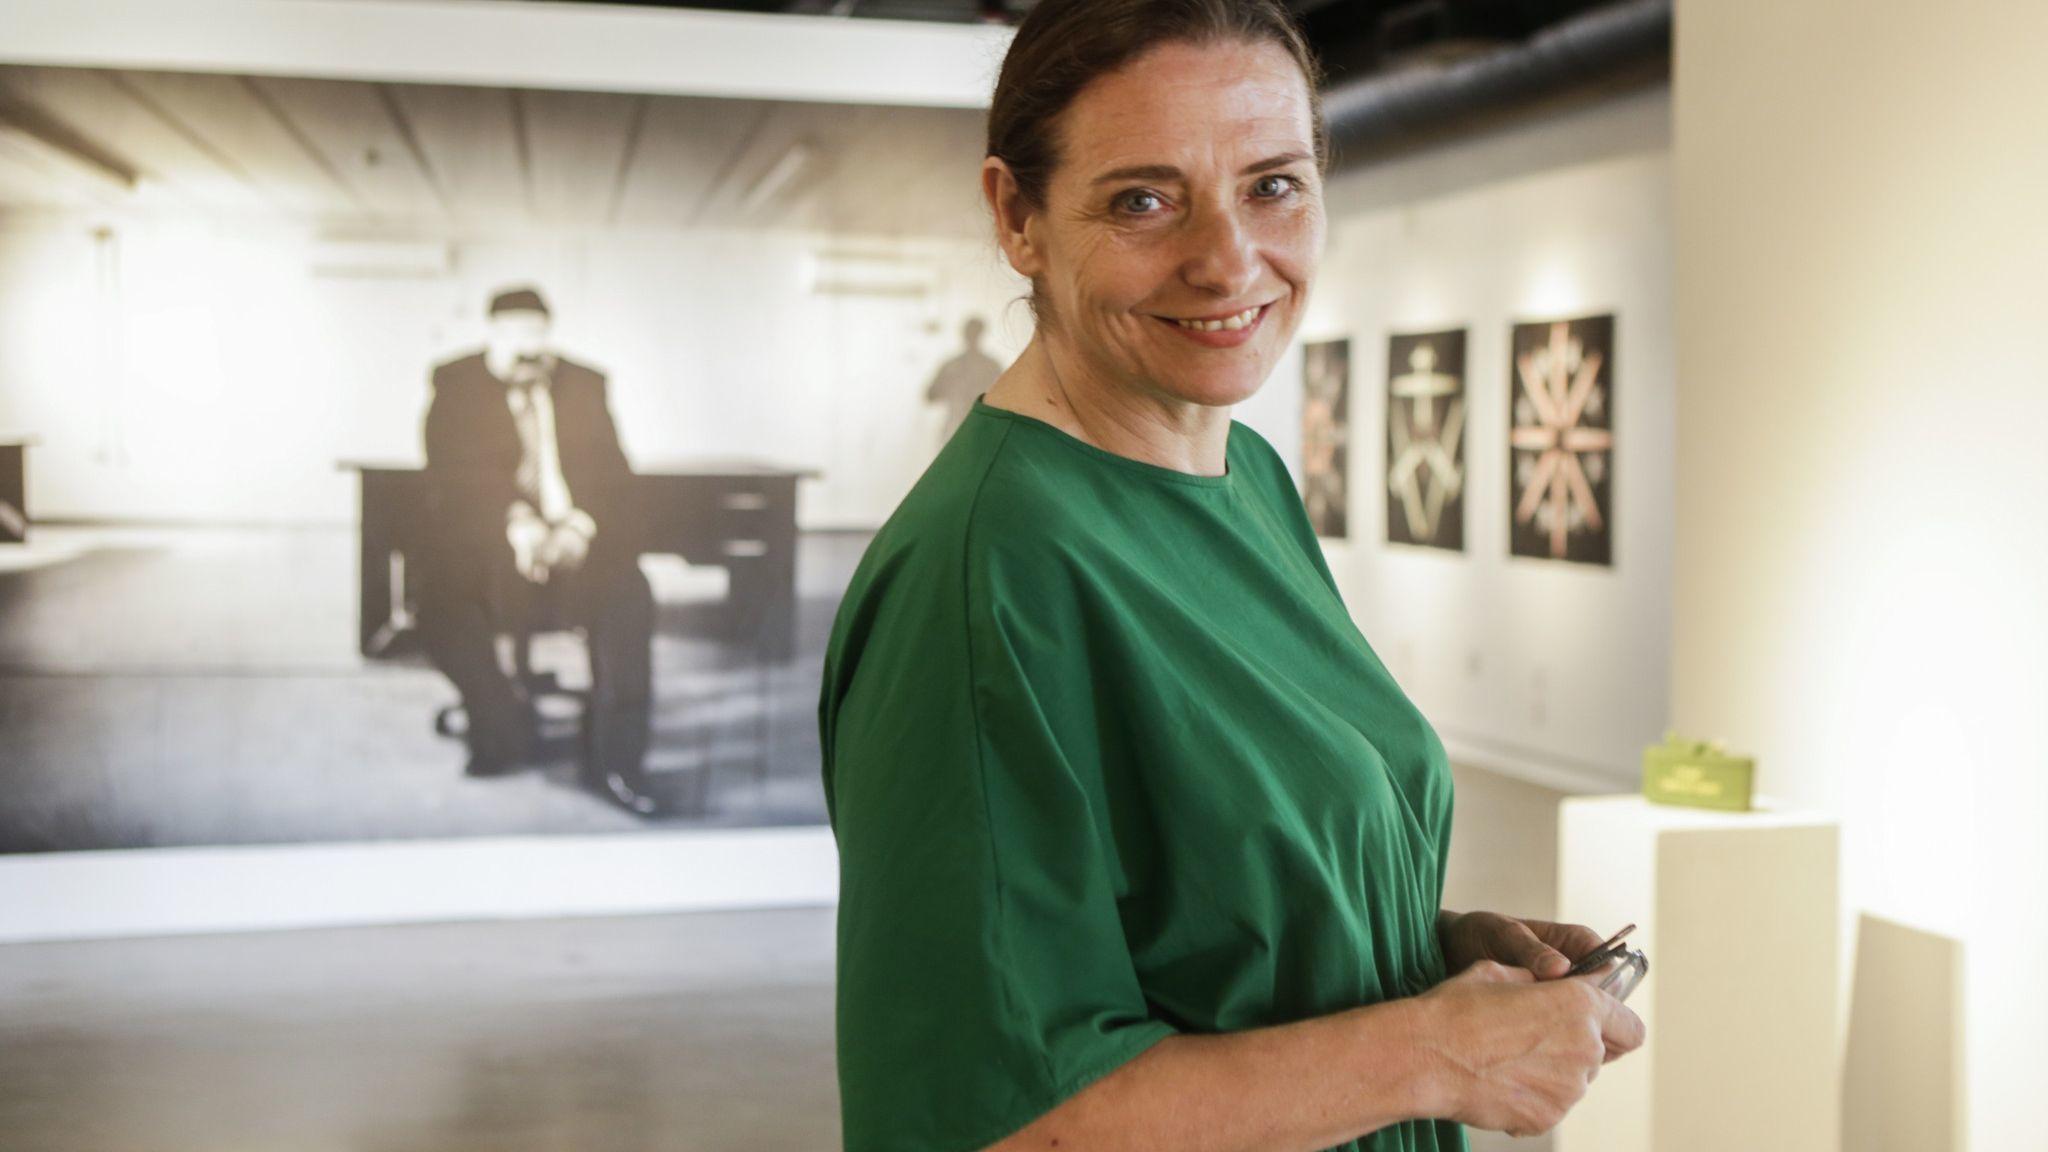 Gallerist Janet Owen Driggs